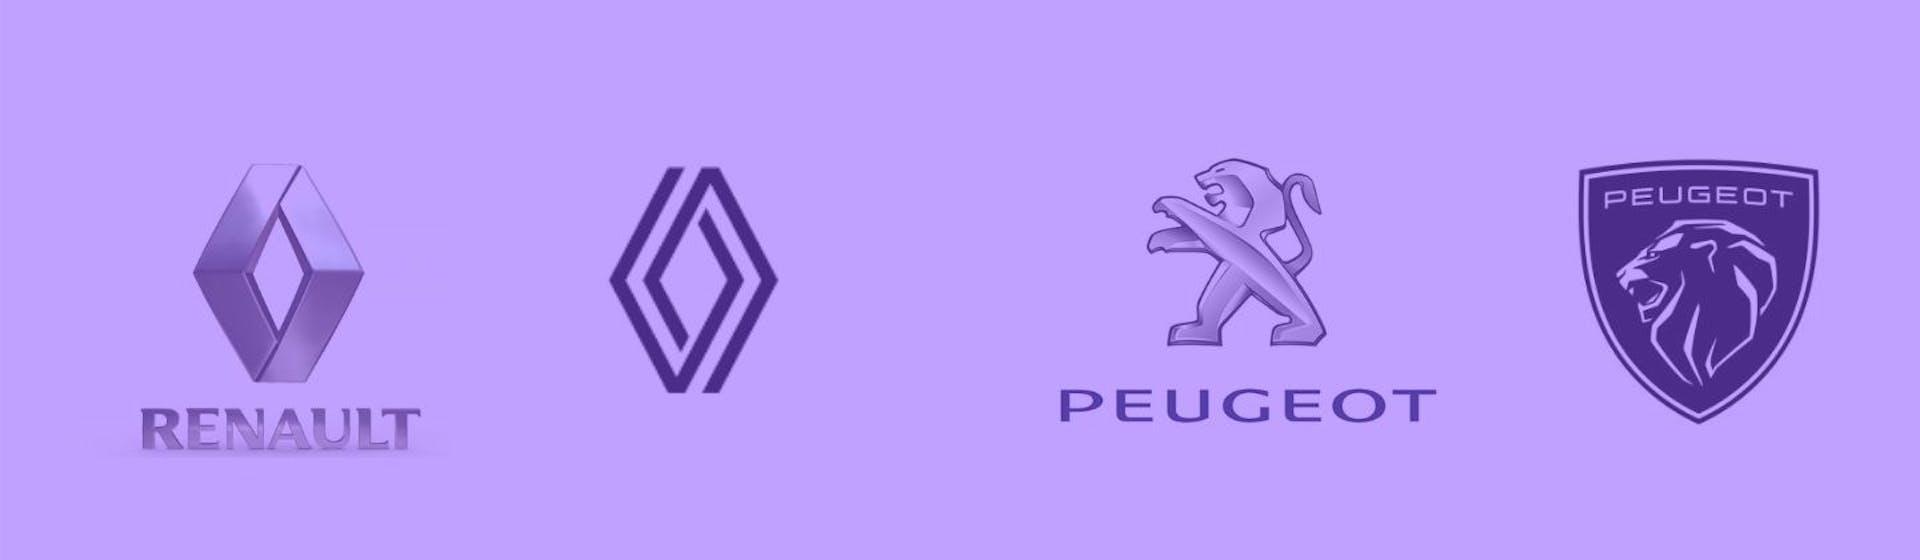 ¿Qué sucedió con los logos de Renault y Peugeot?